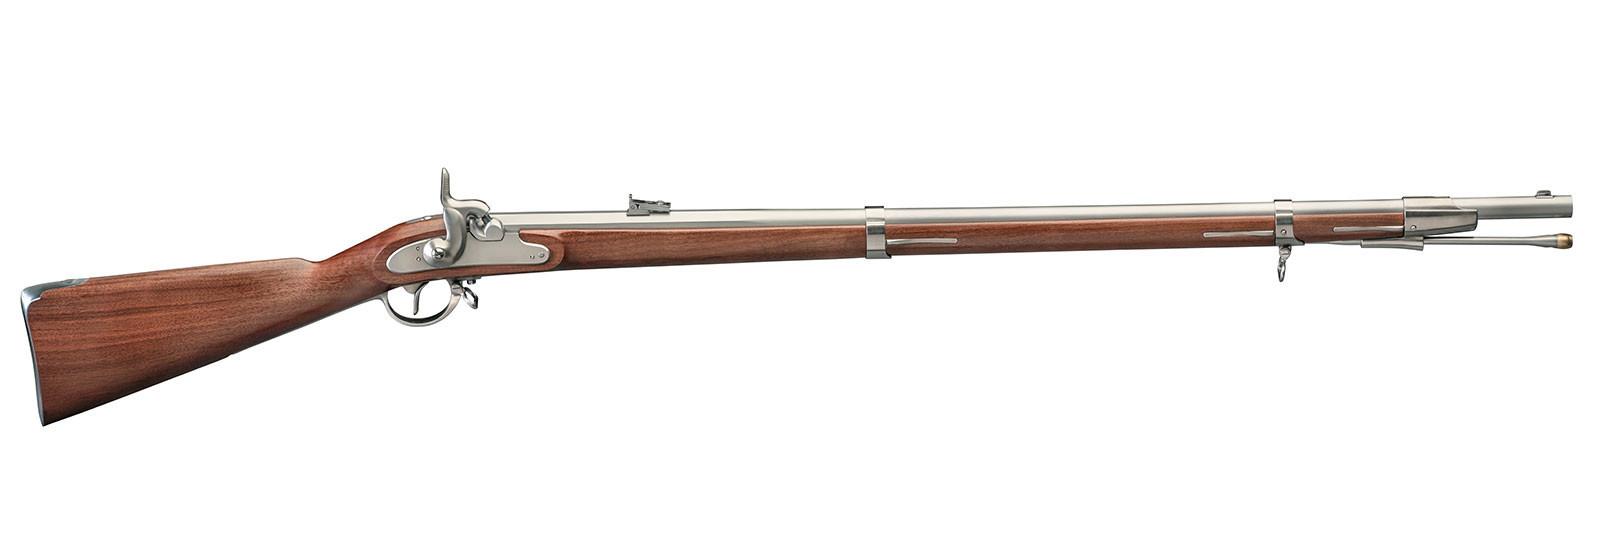 Lorenz Rifle Infantry Type II Rifle